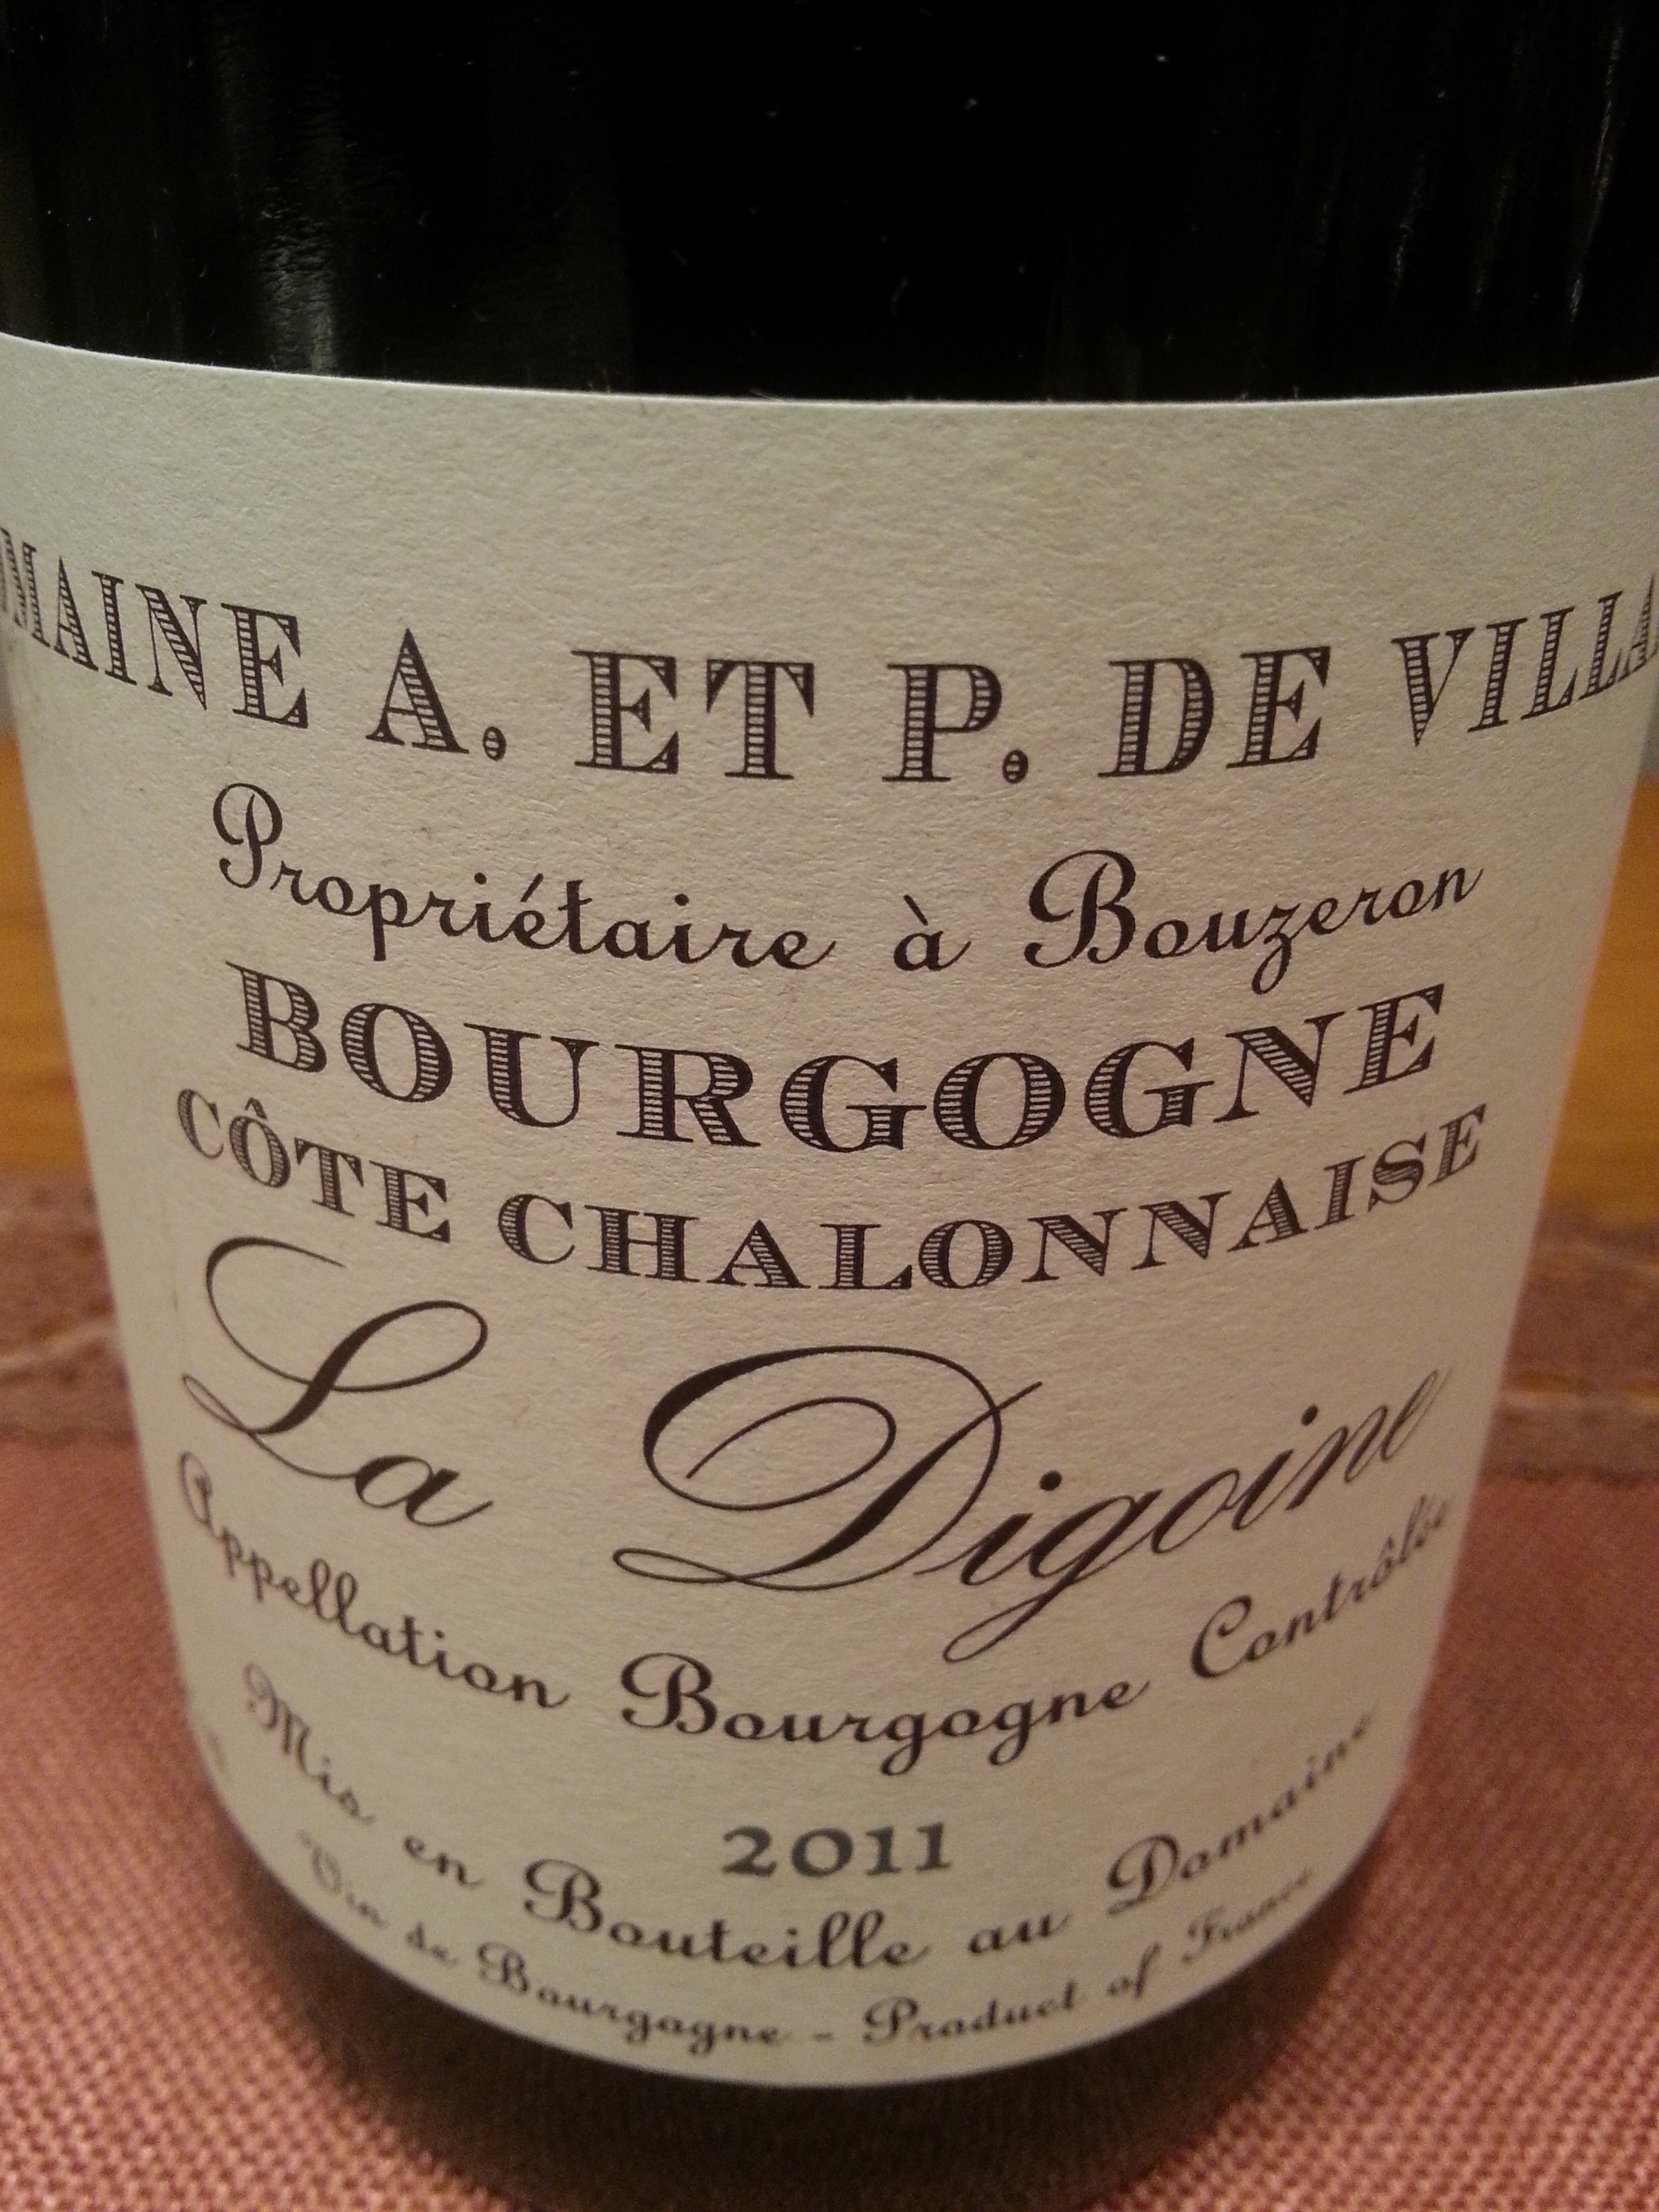 2011 La Digoine | de Villaine